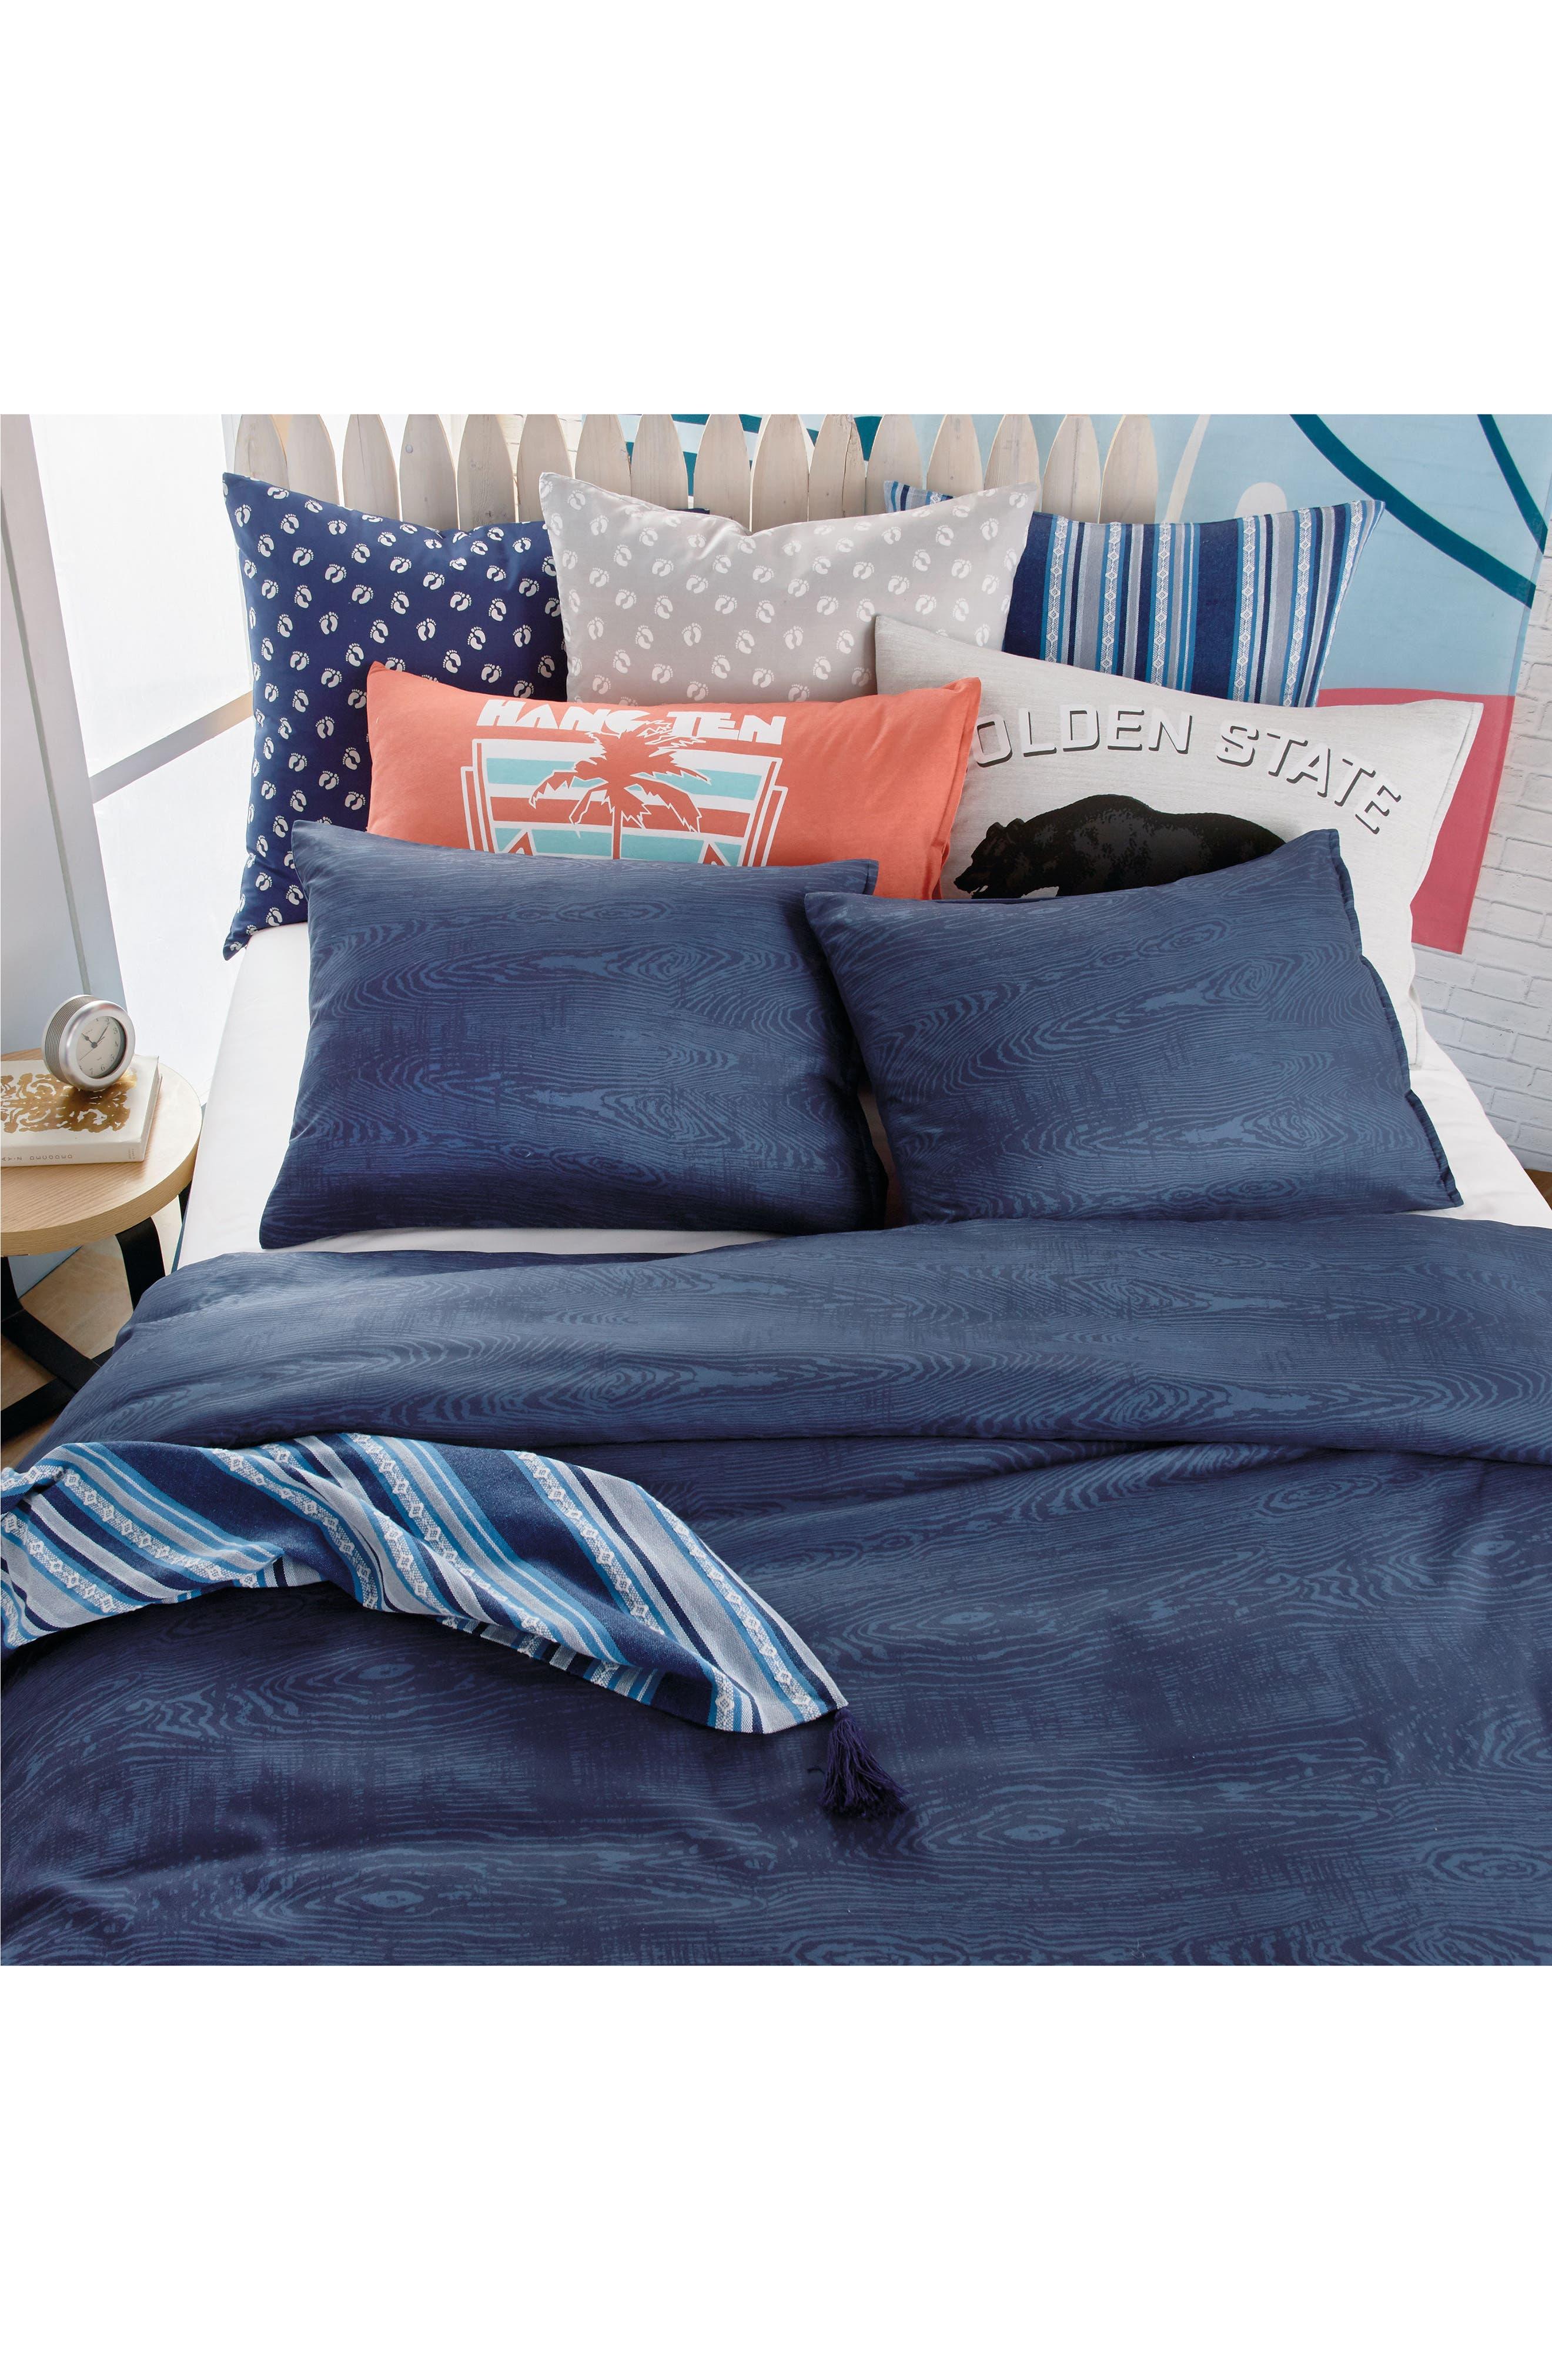 Woodgrain Comforter & Sham Set,                             Alternate thumbnail 4, color,                             Navy